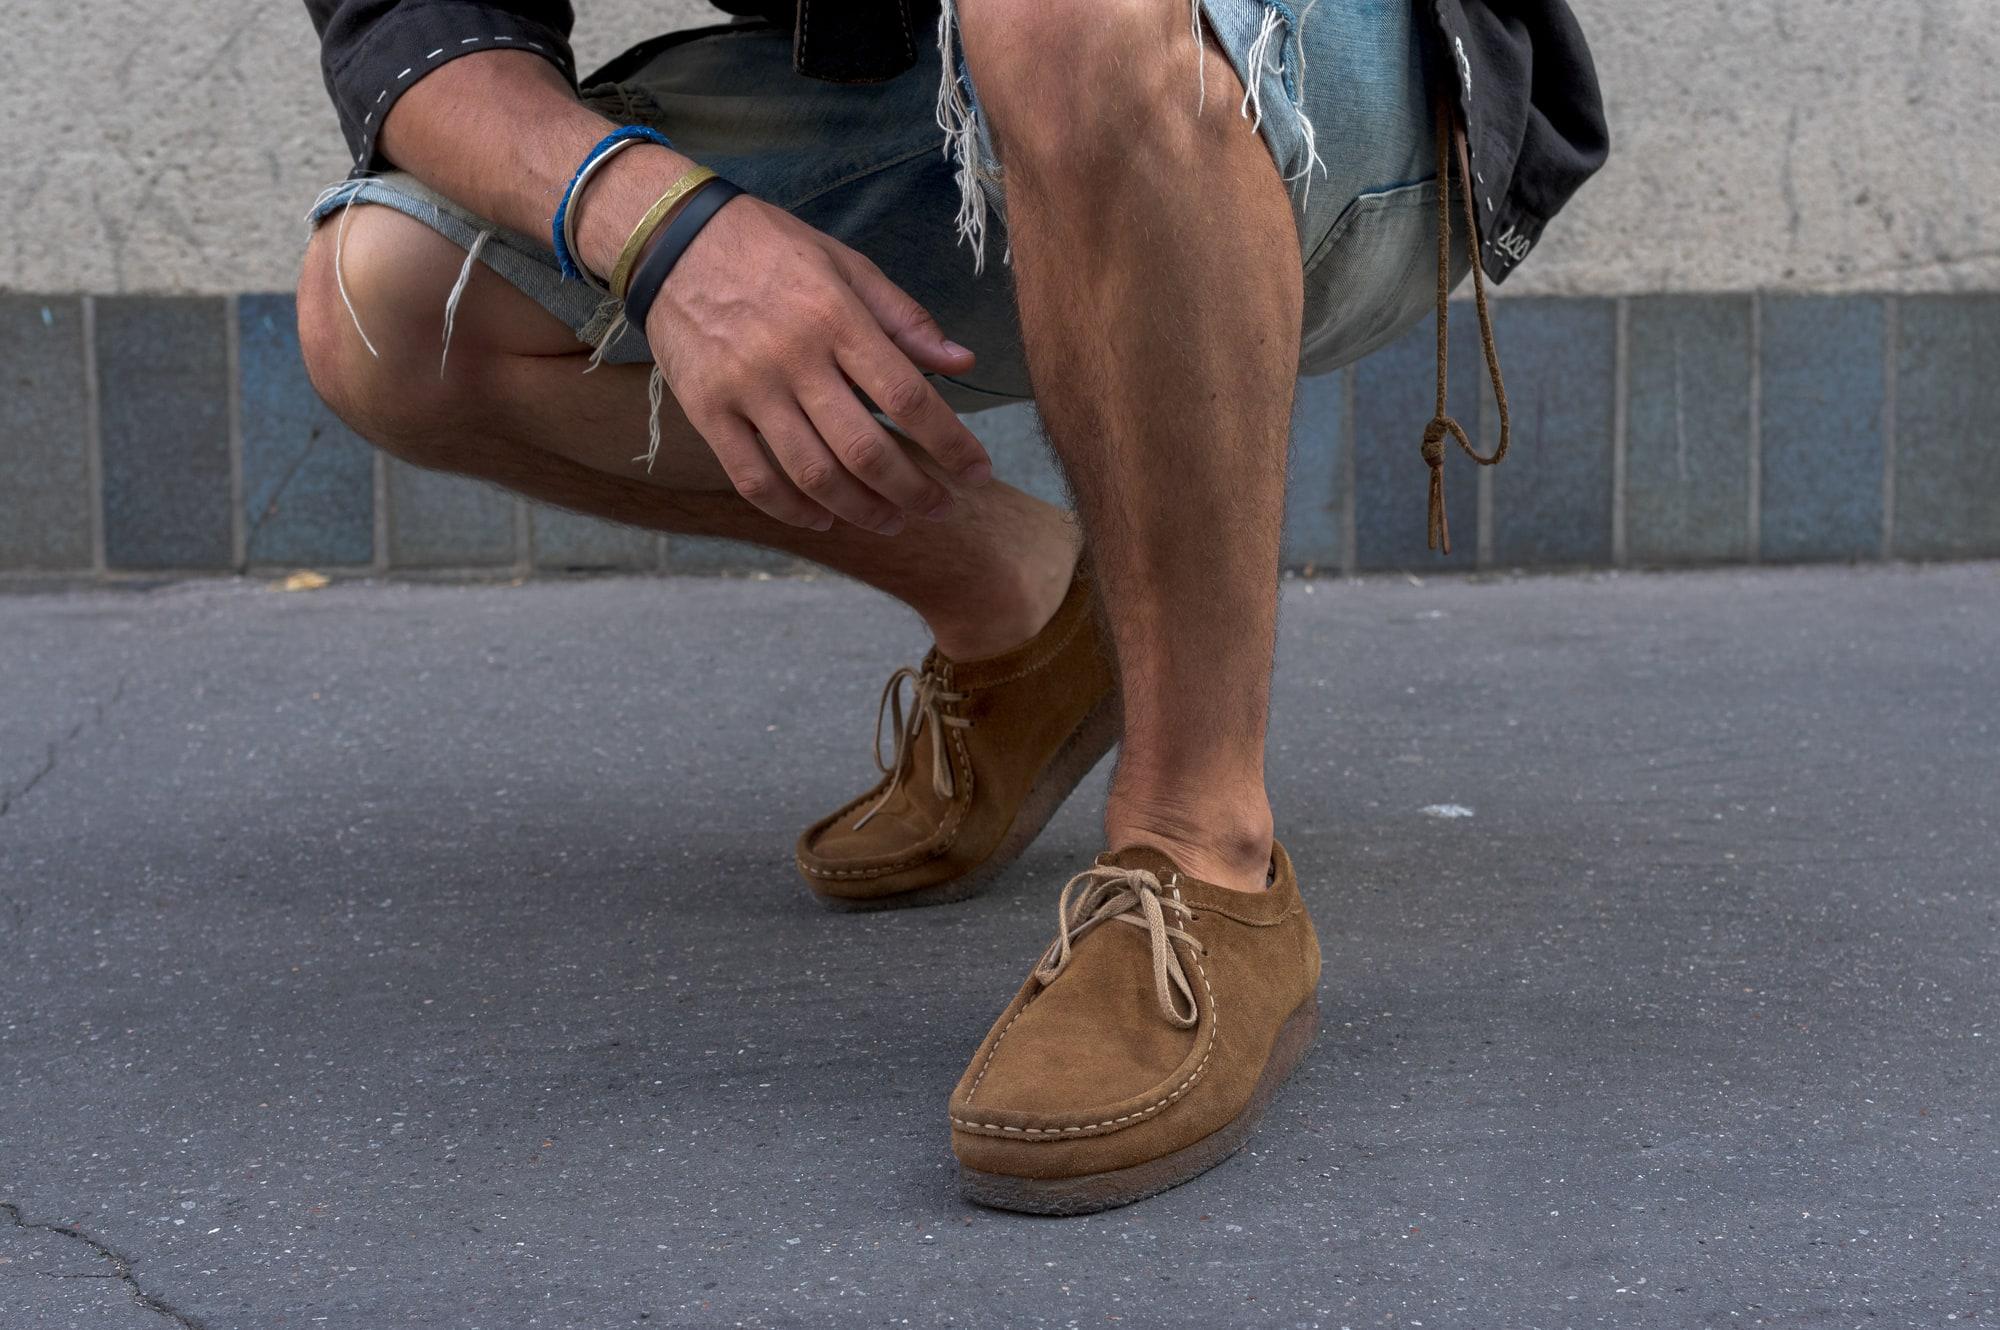 Comment porter la clarks wallabee icone de style masculin